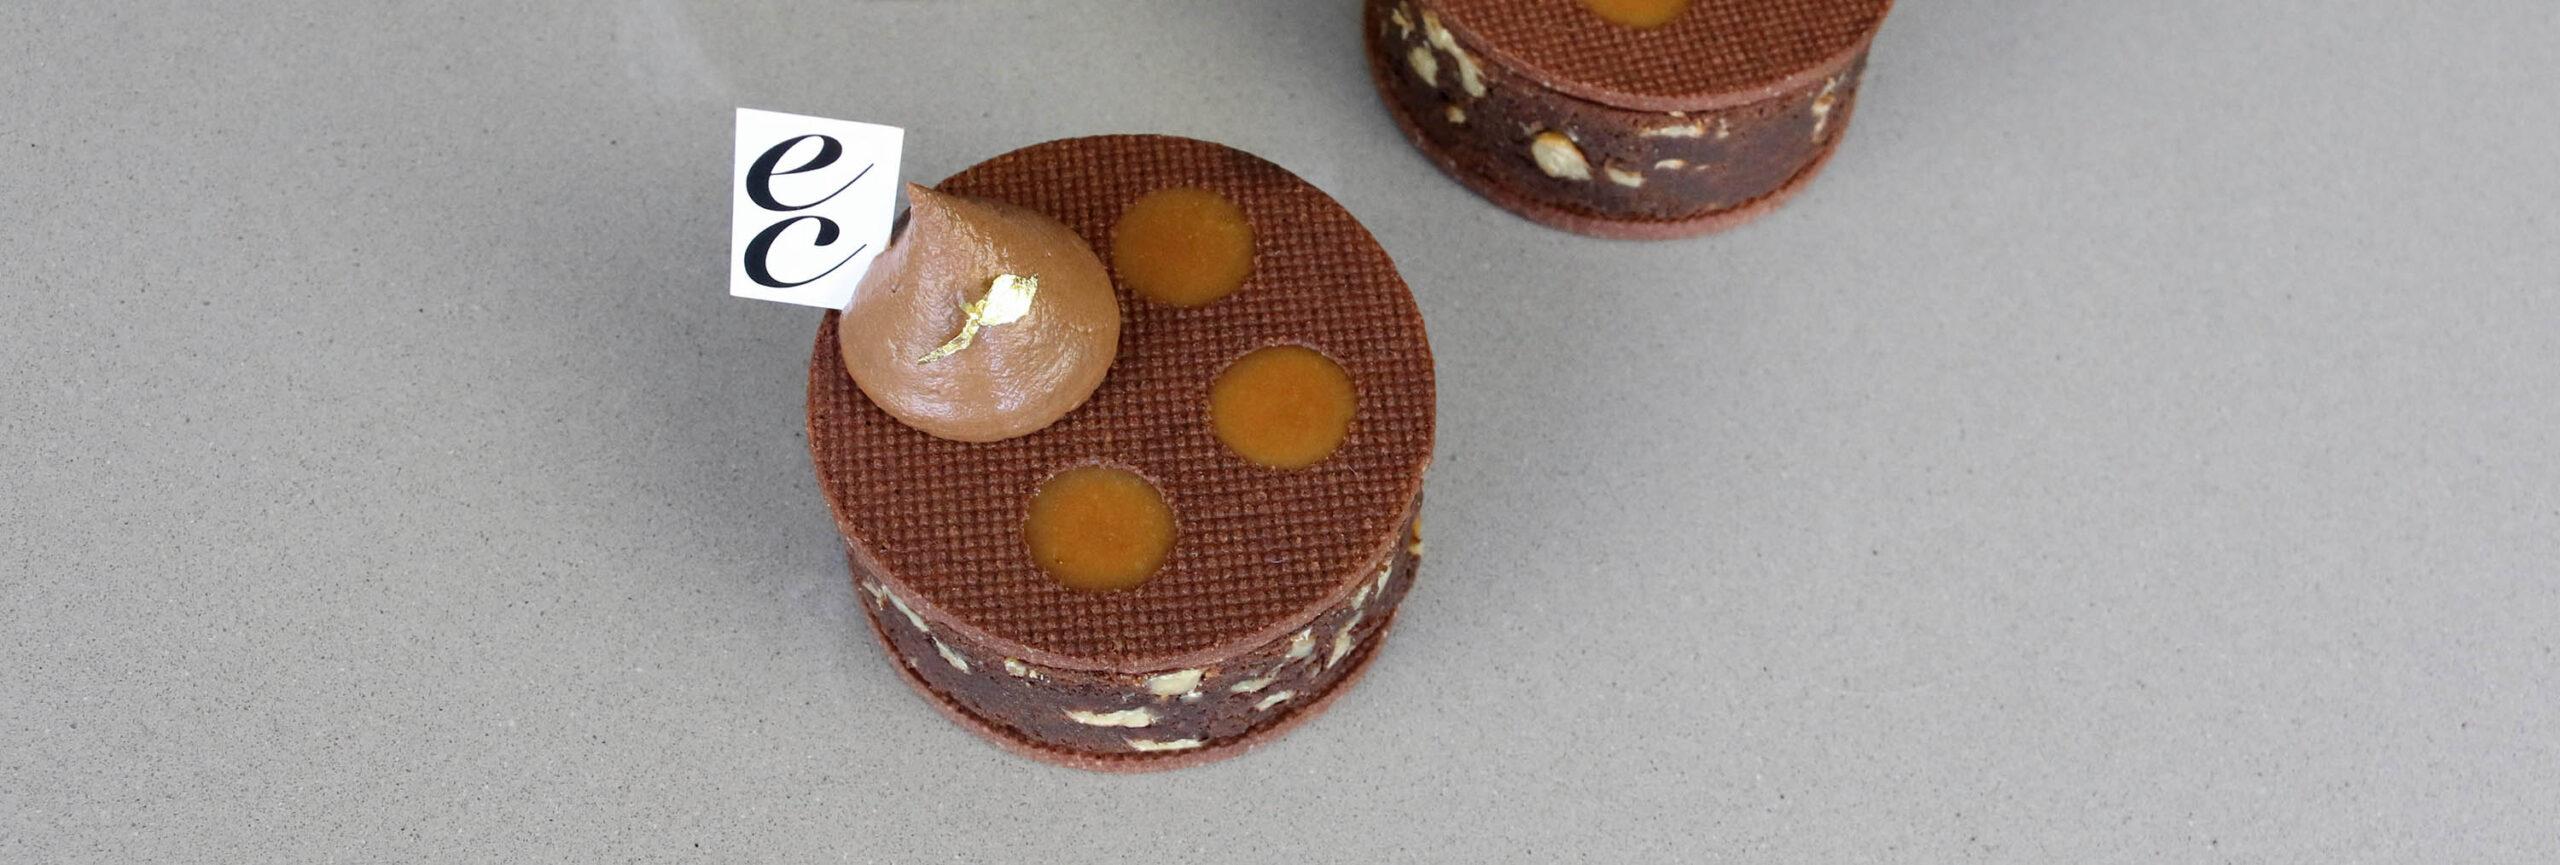 Galletas de Brownie con Caramelo salado y Ganache